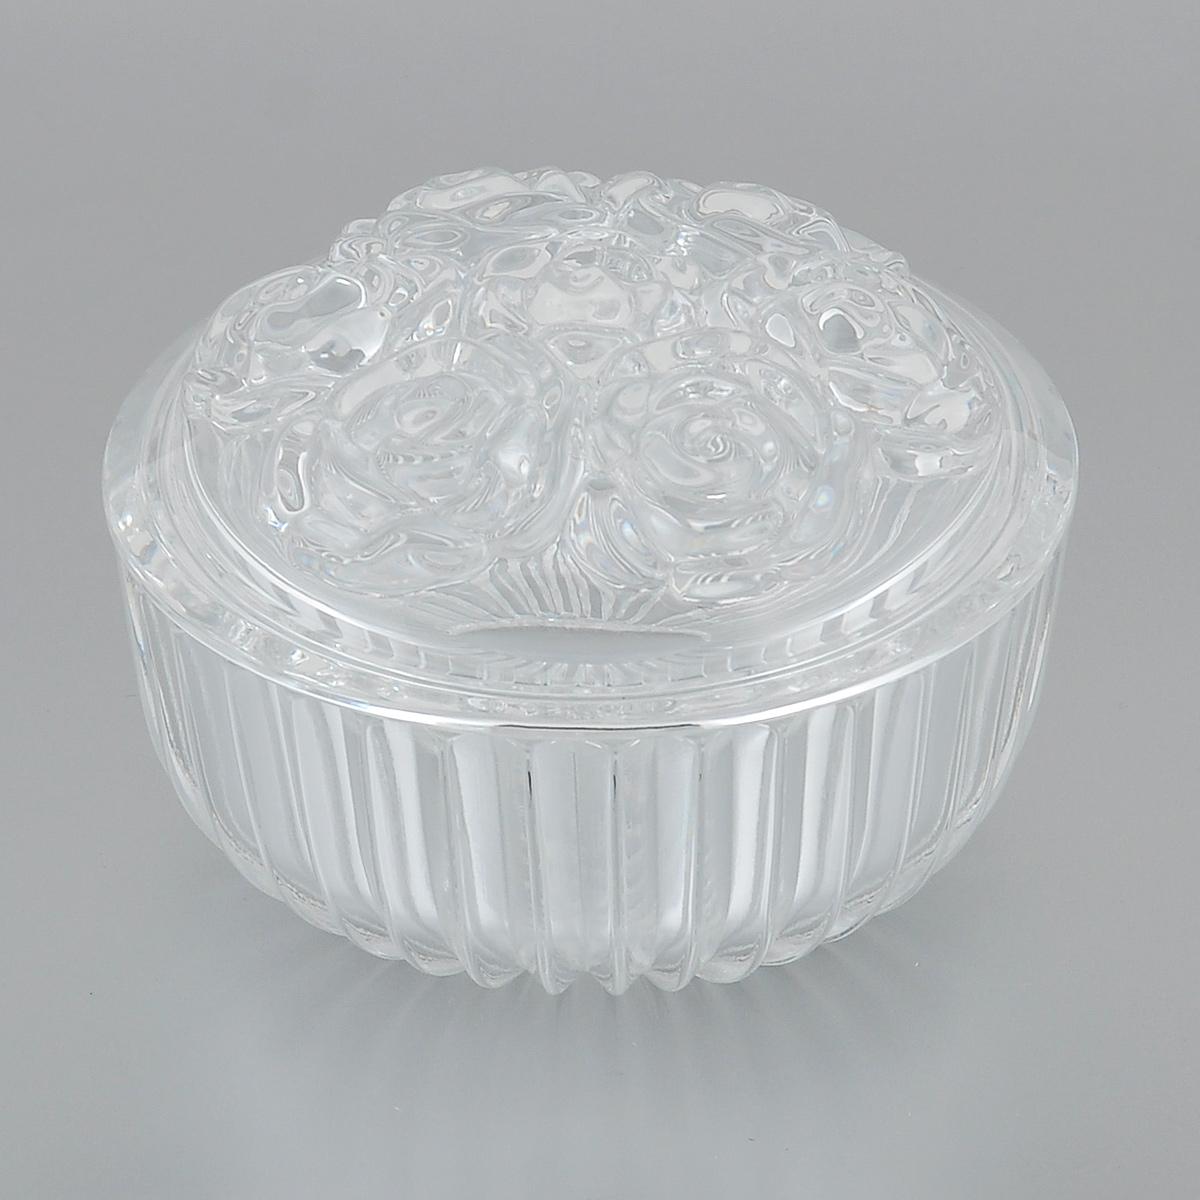 Доза-шкатулка Crystal Bohemia Розы, диаметр 11,5 см990/58100/1/45600/080-109Доза-шкатулка Crystal Bohemia Розы выполнена из граненого высококачественного хрусталя. Крышка шкатулки декорирована рельефом в виде роз. Она излучает приятный блеск и издает мелодичный звон. Шкатулка сочетает в себе изысканный дизайн с максимальной функциональностью. Она не только украсит дом и подчеркнет ваш прекрасный вкус, но и станет отличным подарком. Диаметр по верхнему краю: 11,5 см. Высота (без учета крышки): 5 см.